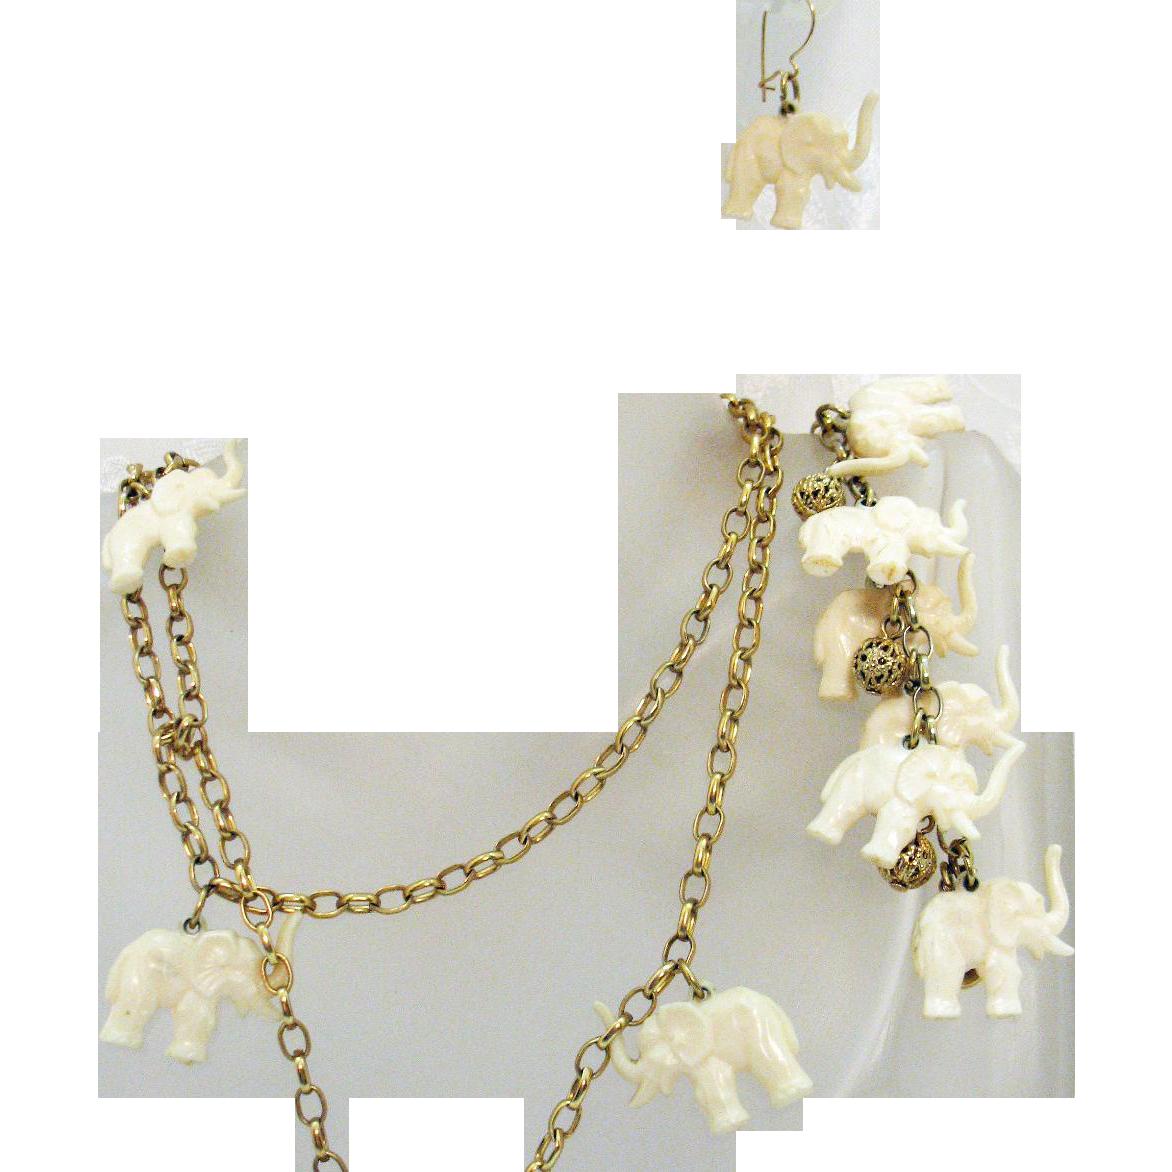 Rare Vintage Signed Napier White Celluloid Elephant Charm Necklace Bracelet Pierced Earrings Set